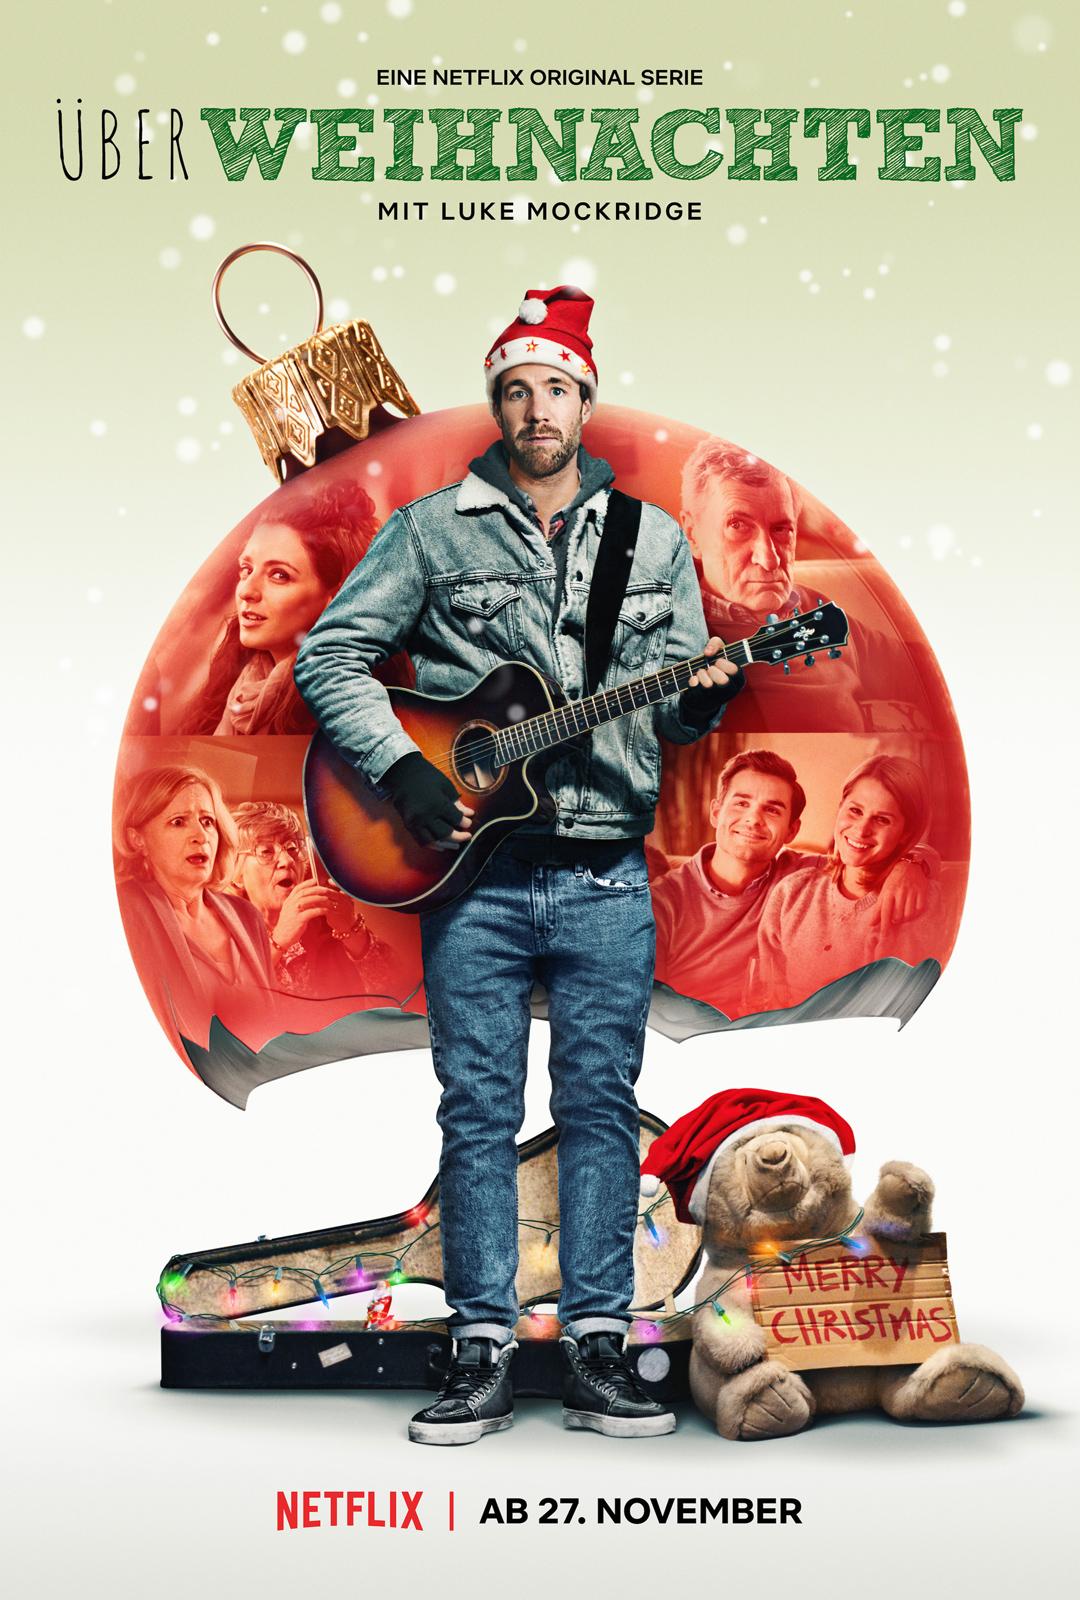 Le Noël de trop - Série TV 2020 - AlloCiné